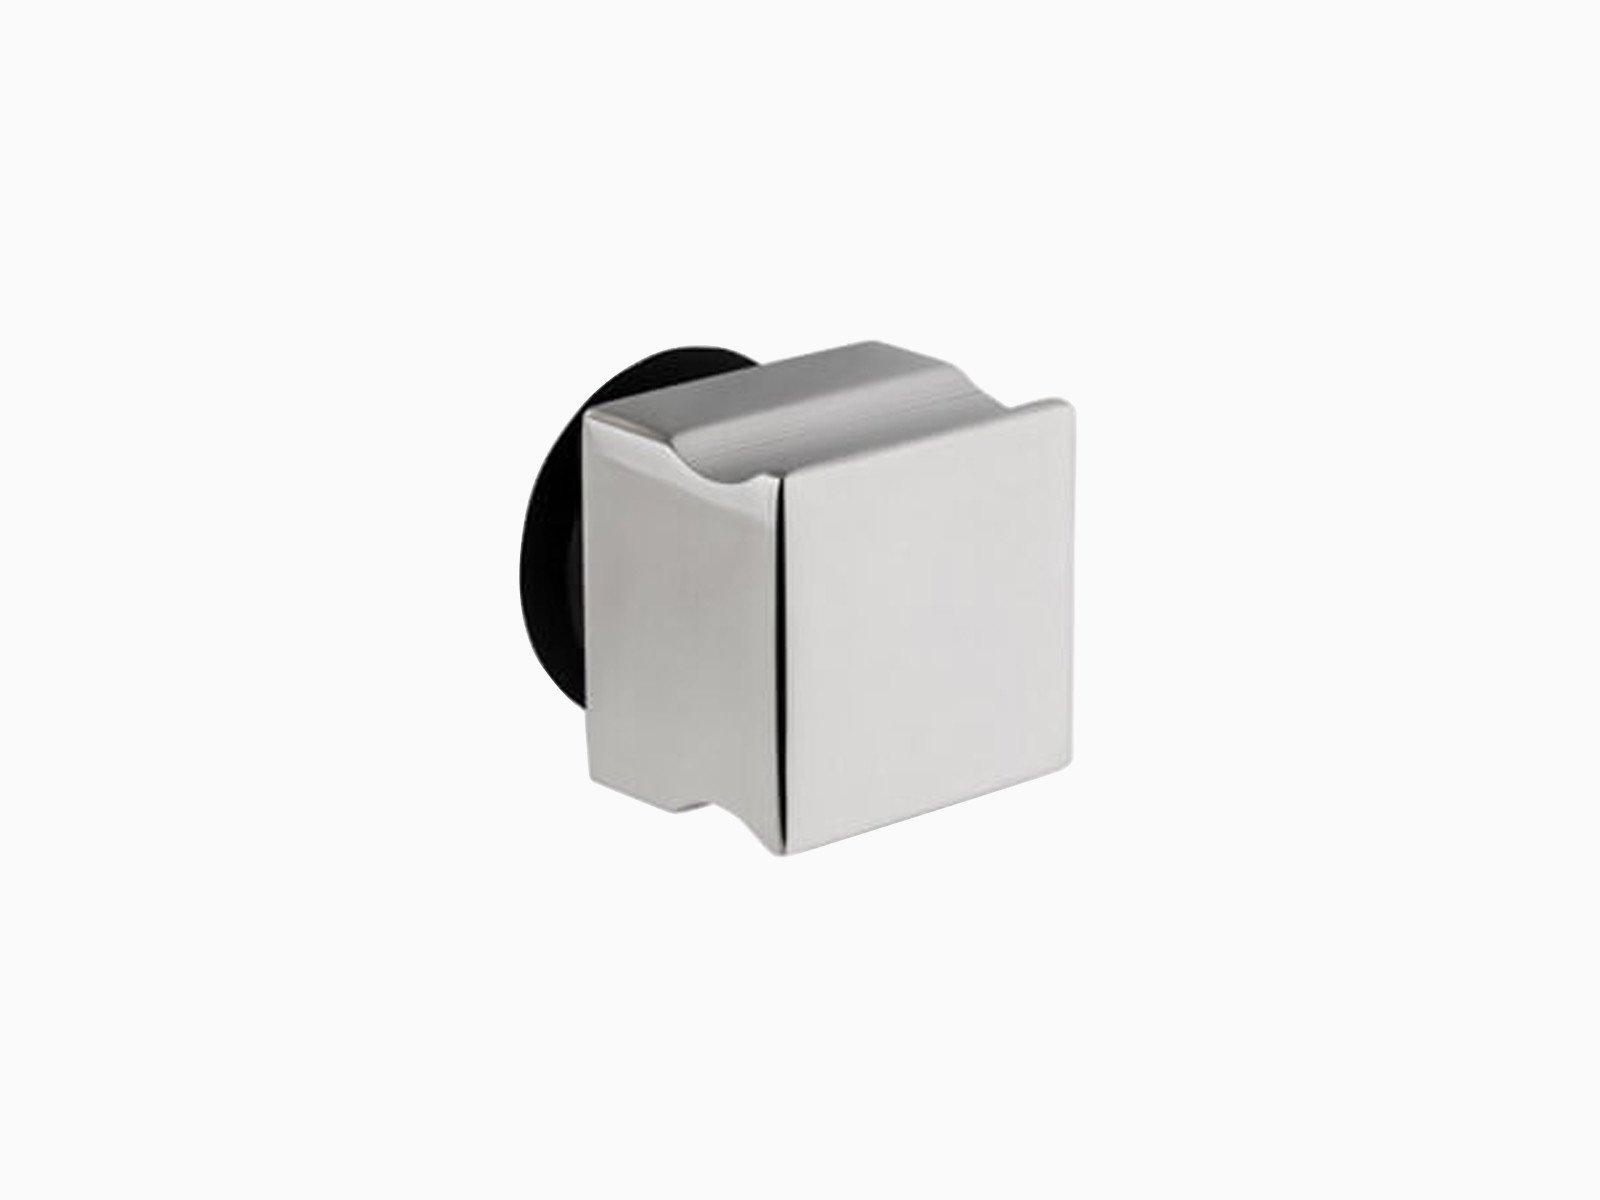 aussengriff-fuer-glas-in-quadratischer-form-in-hochglaenzendem-edelstahl